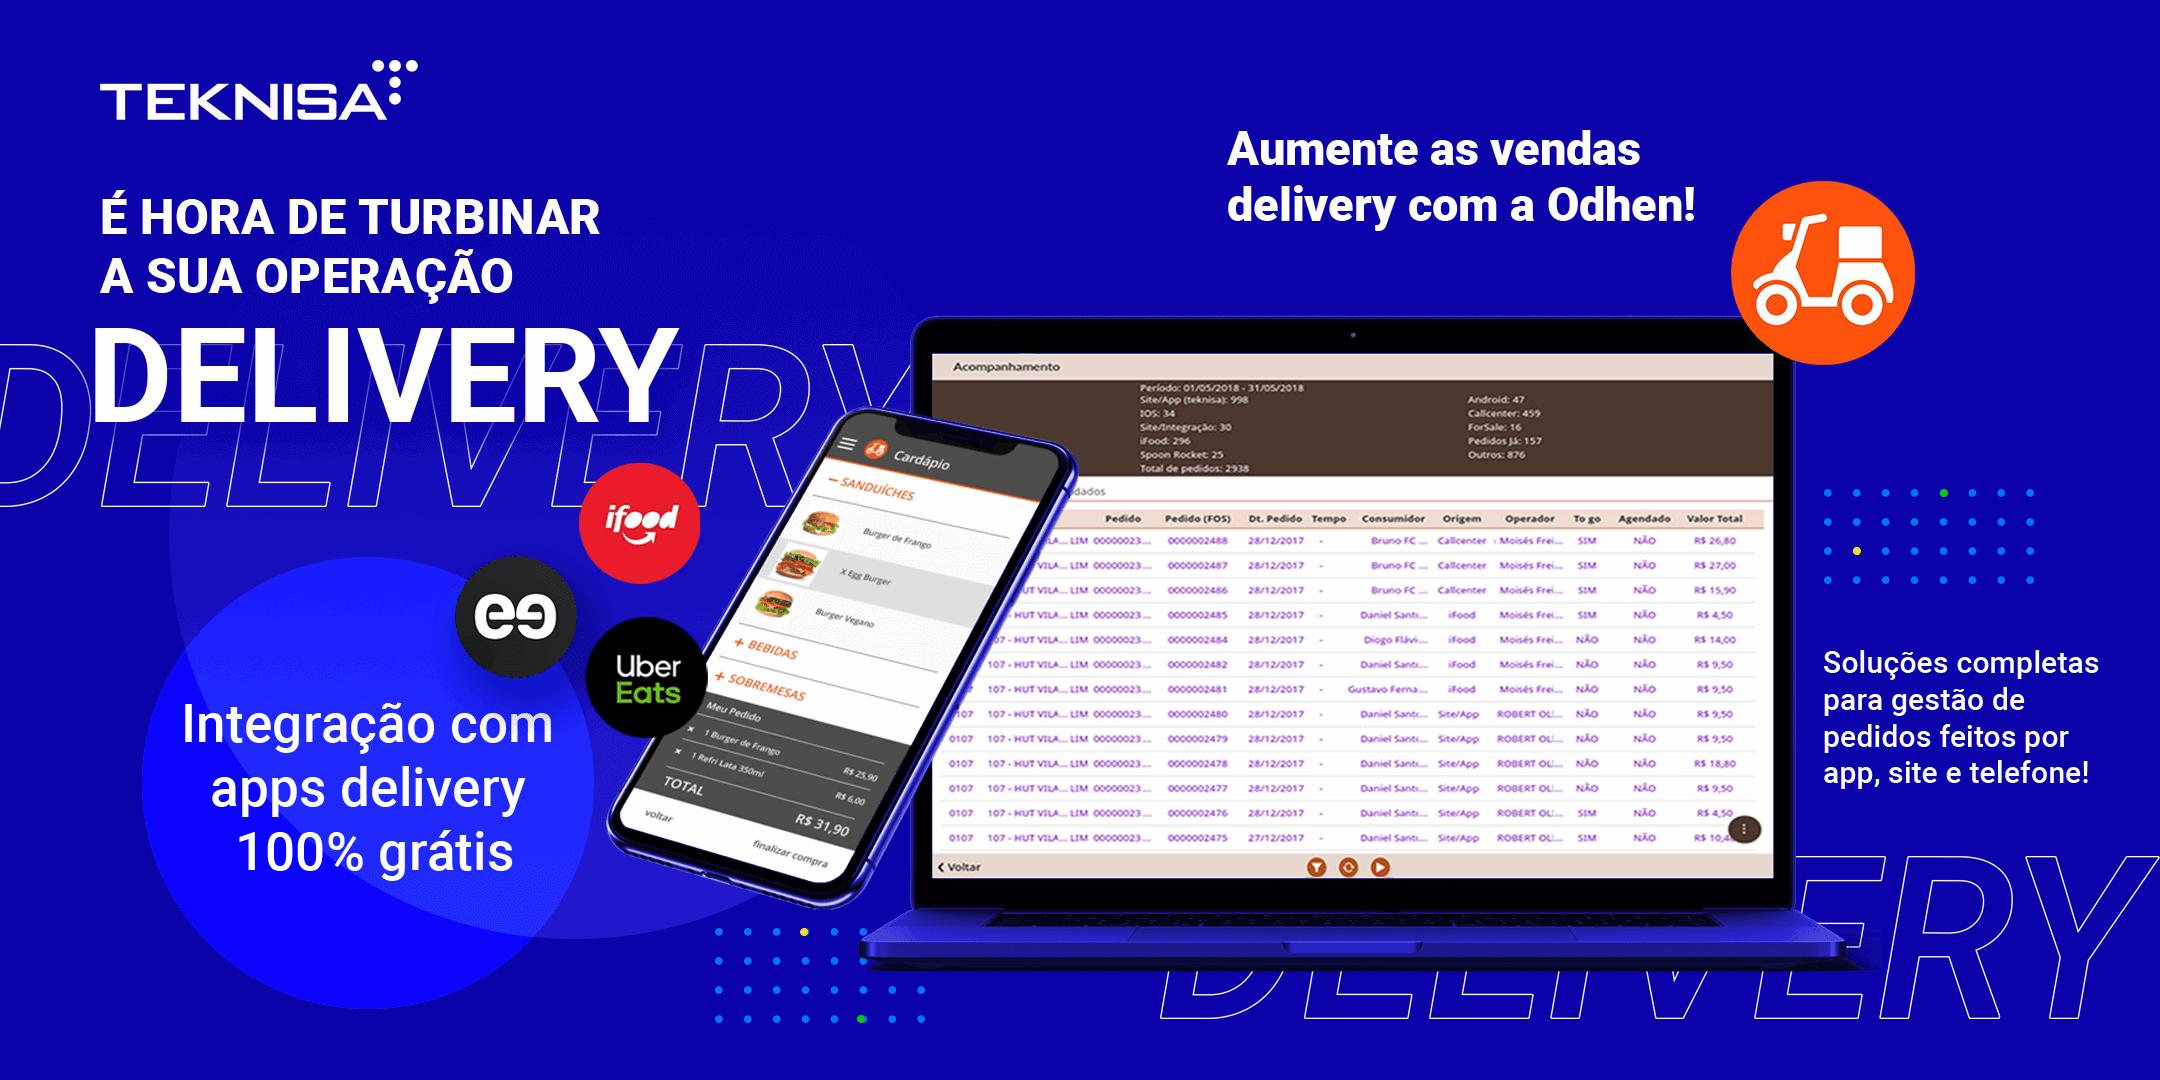 Delivery da Teknisa Integração 100% free